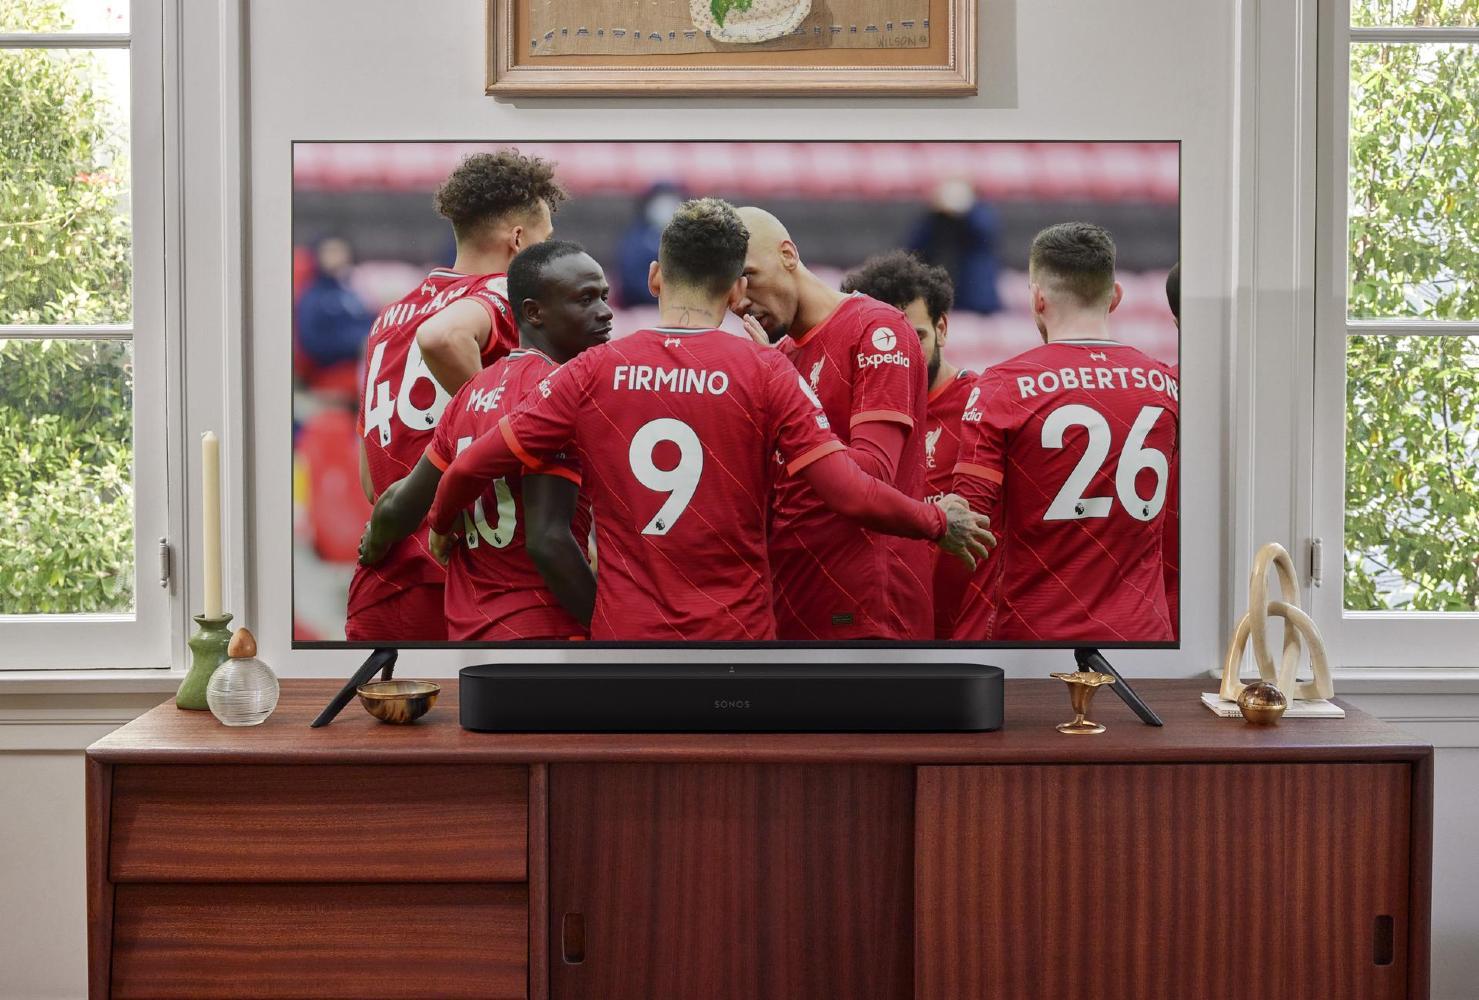 Sonos Liverpool FC